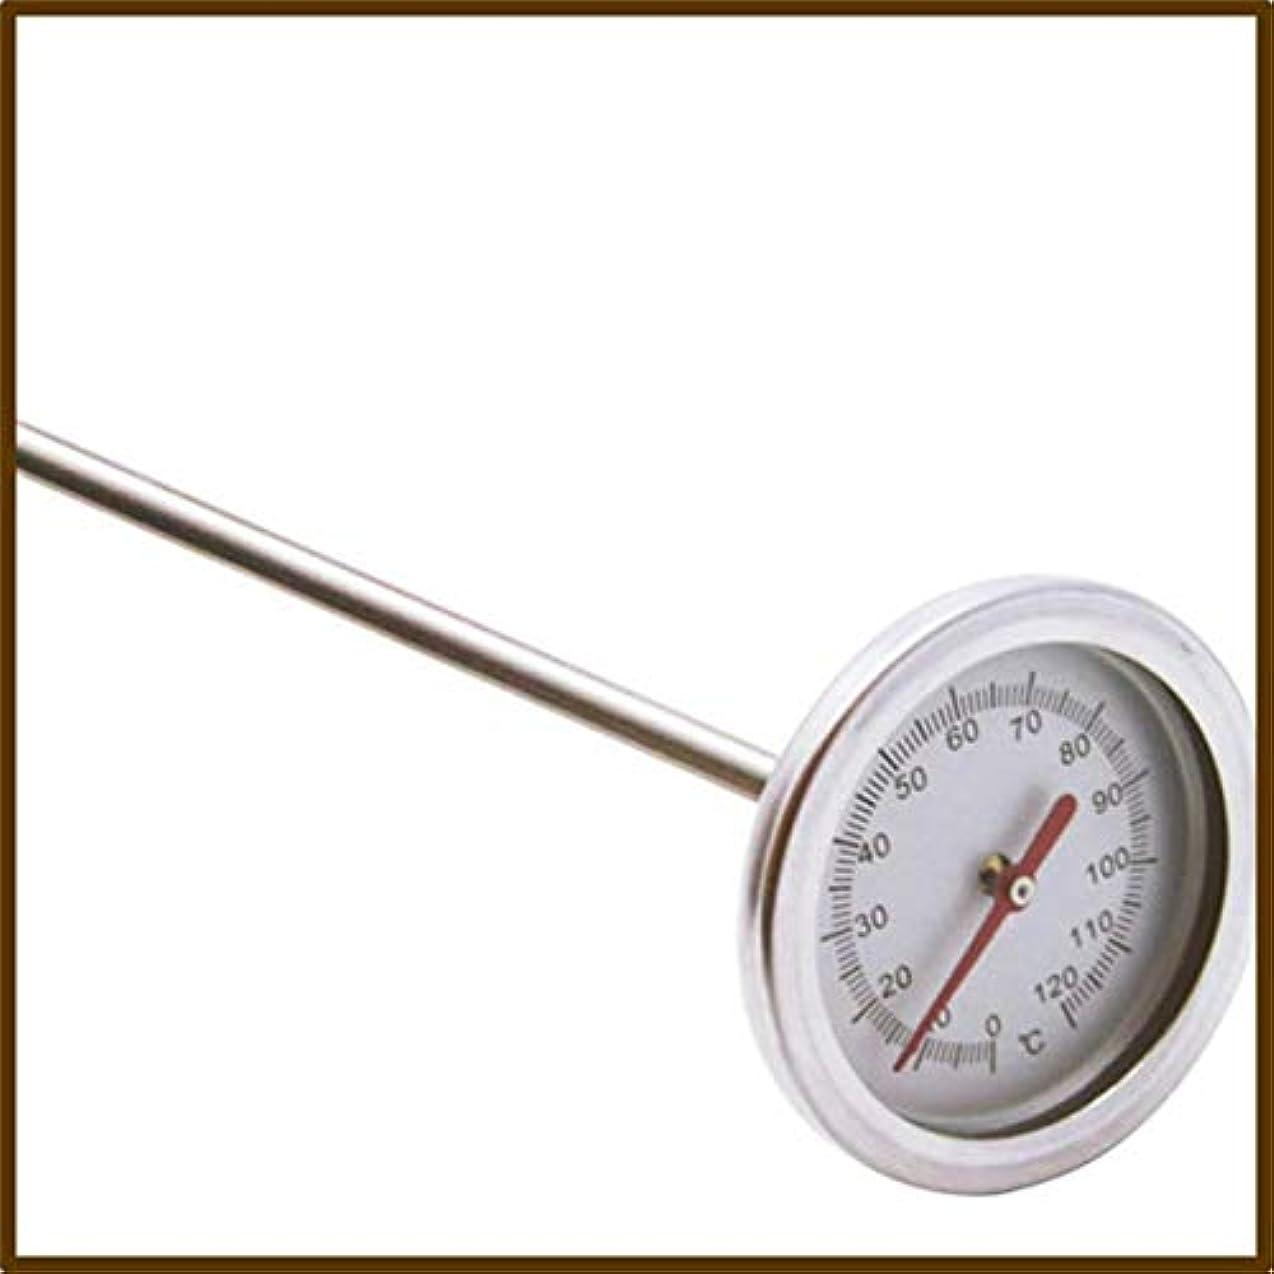 流産出血協力するSaikogoods 20インチ50cmの長さ 0℃-120℃ 堆肥の土壌温度計 プローブ検出器の測定プレミアム食品グレードステンレススチール メタル 銀